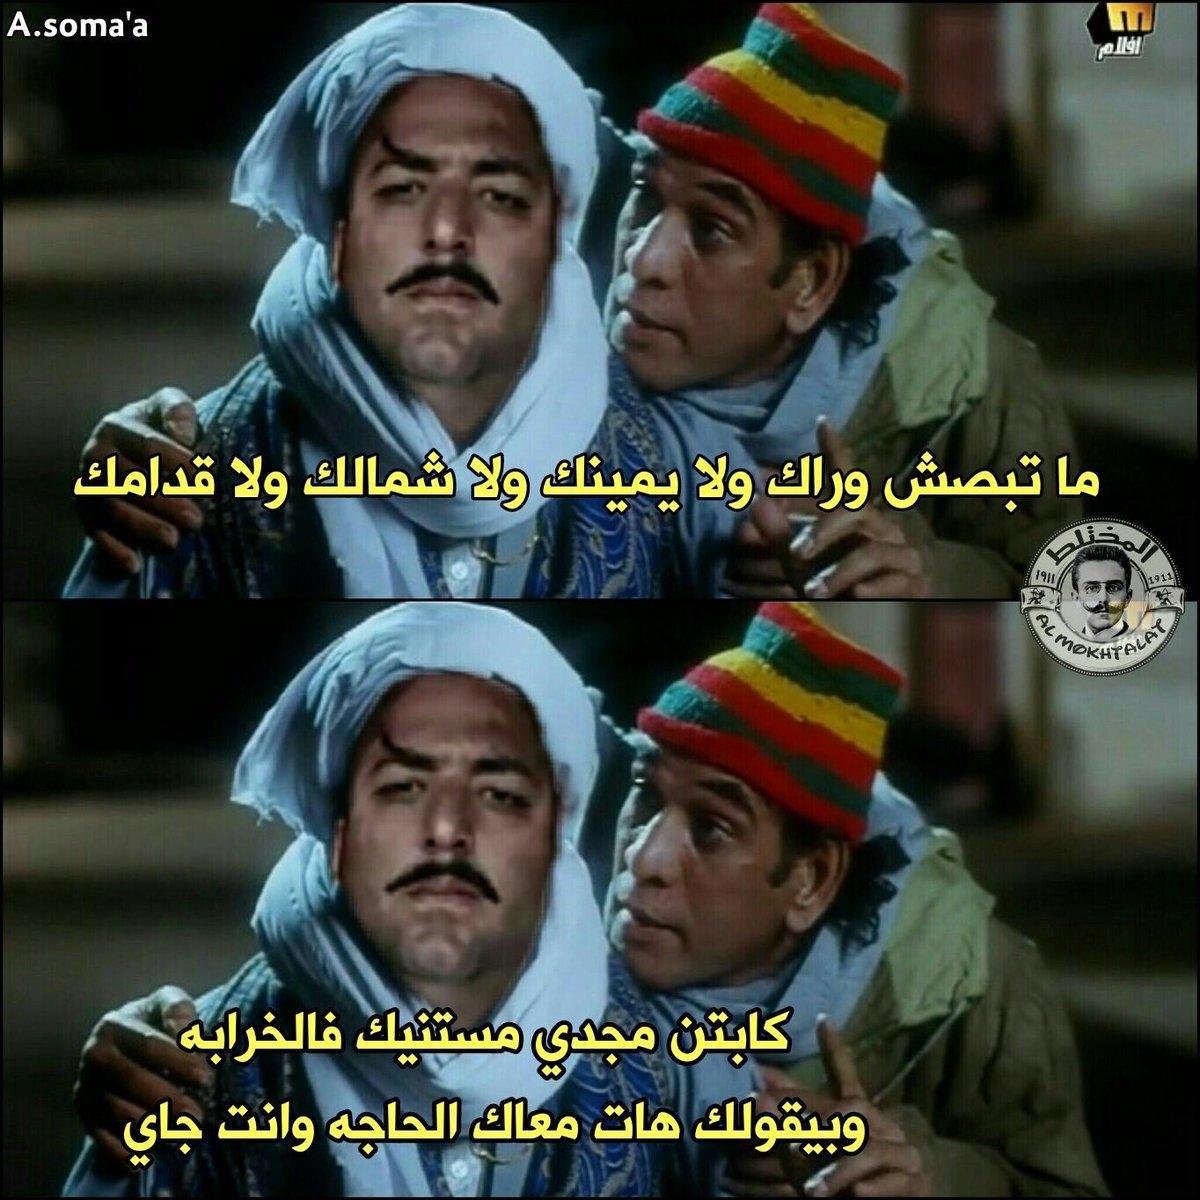 كوميكس ميدو و مجدي عبد الغني 4 تمبلت كوميكس ميدو vs مجدي عبد الغني